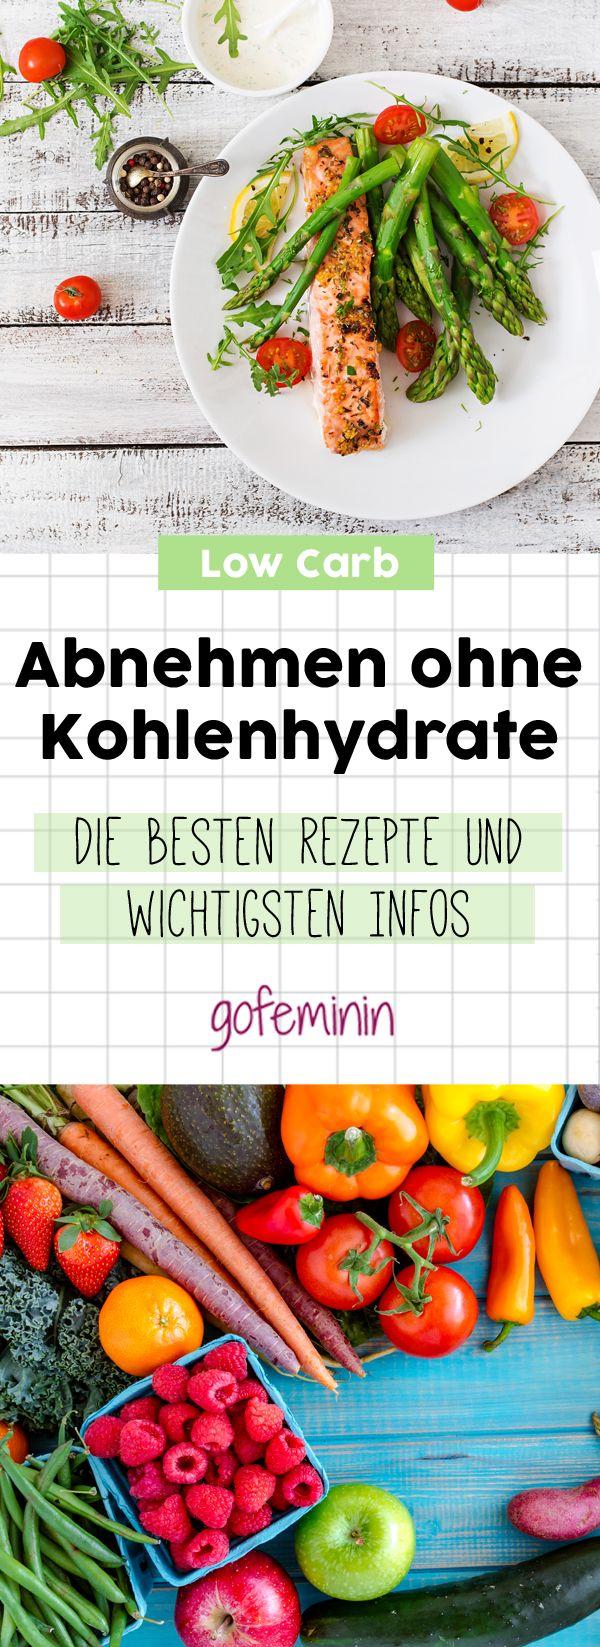 Abnehmen Ohne Kohlenhydrate Die Besten Rezepte Und Wichtigsten